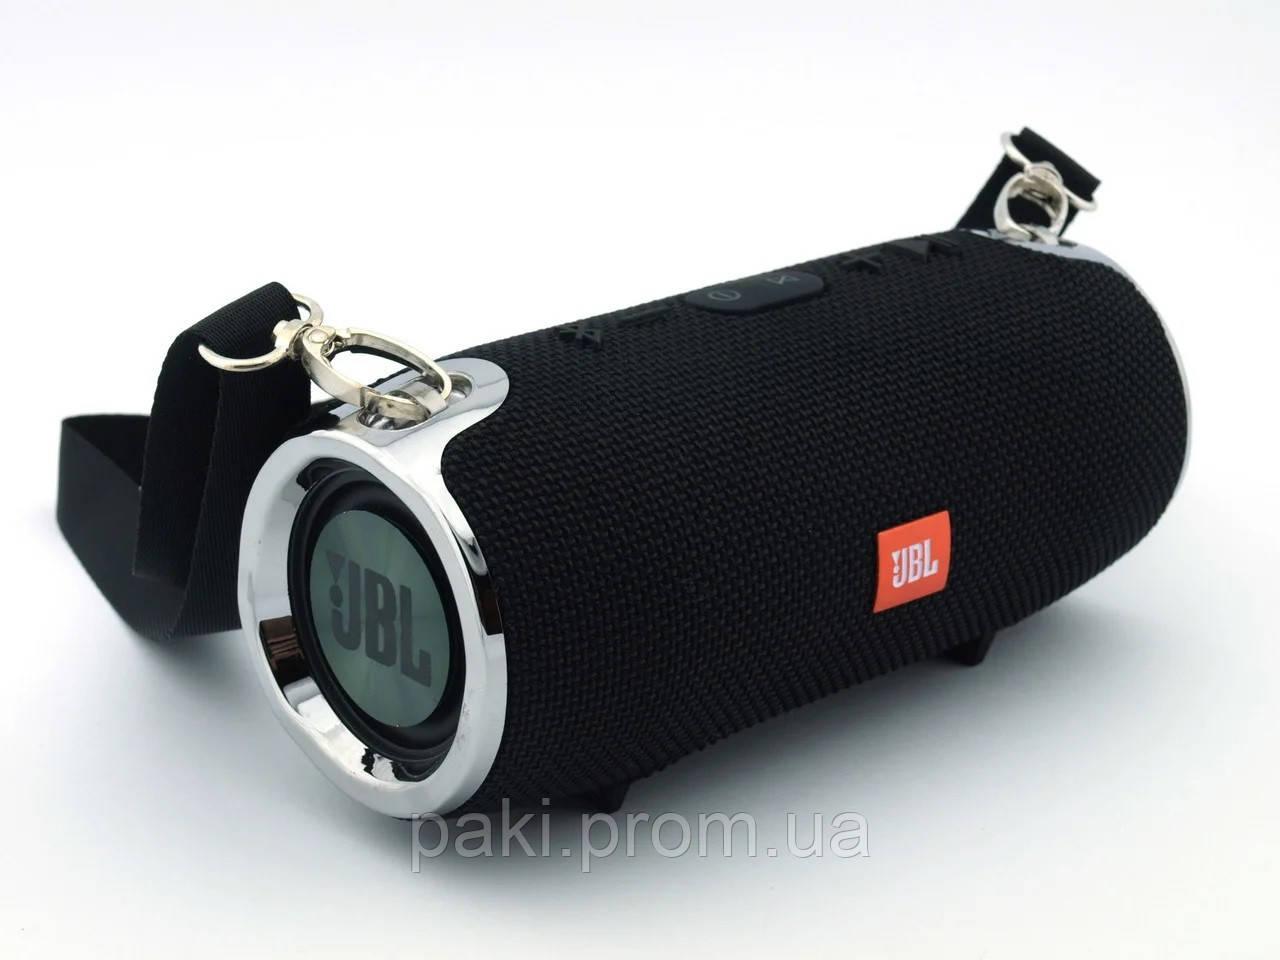 Портативная bluetooth колонка в стиле JBL Xtreme mini (Черная)